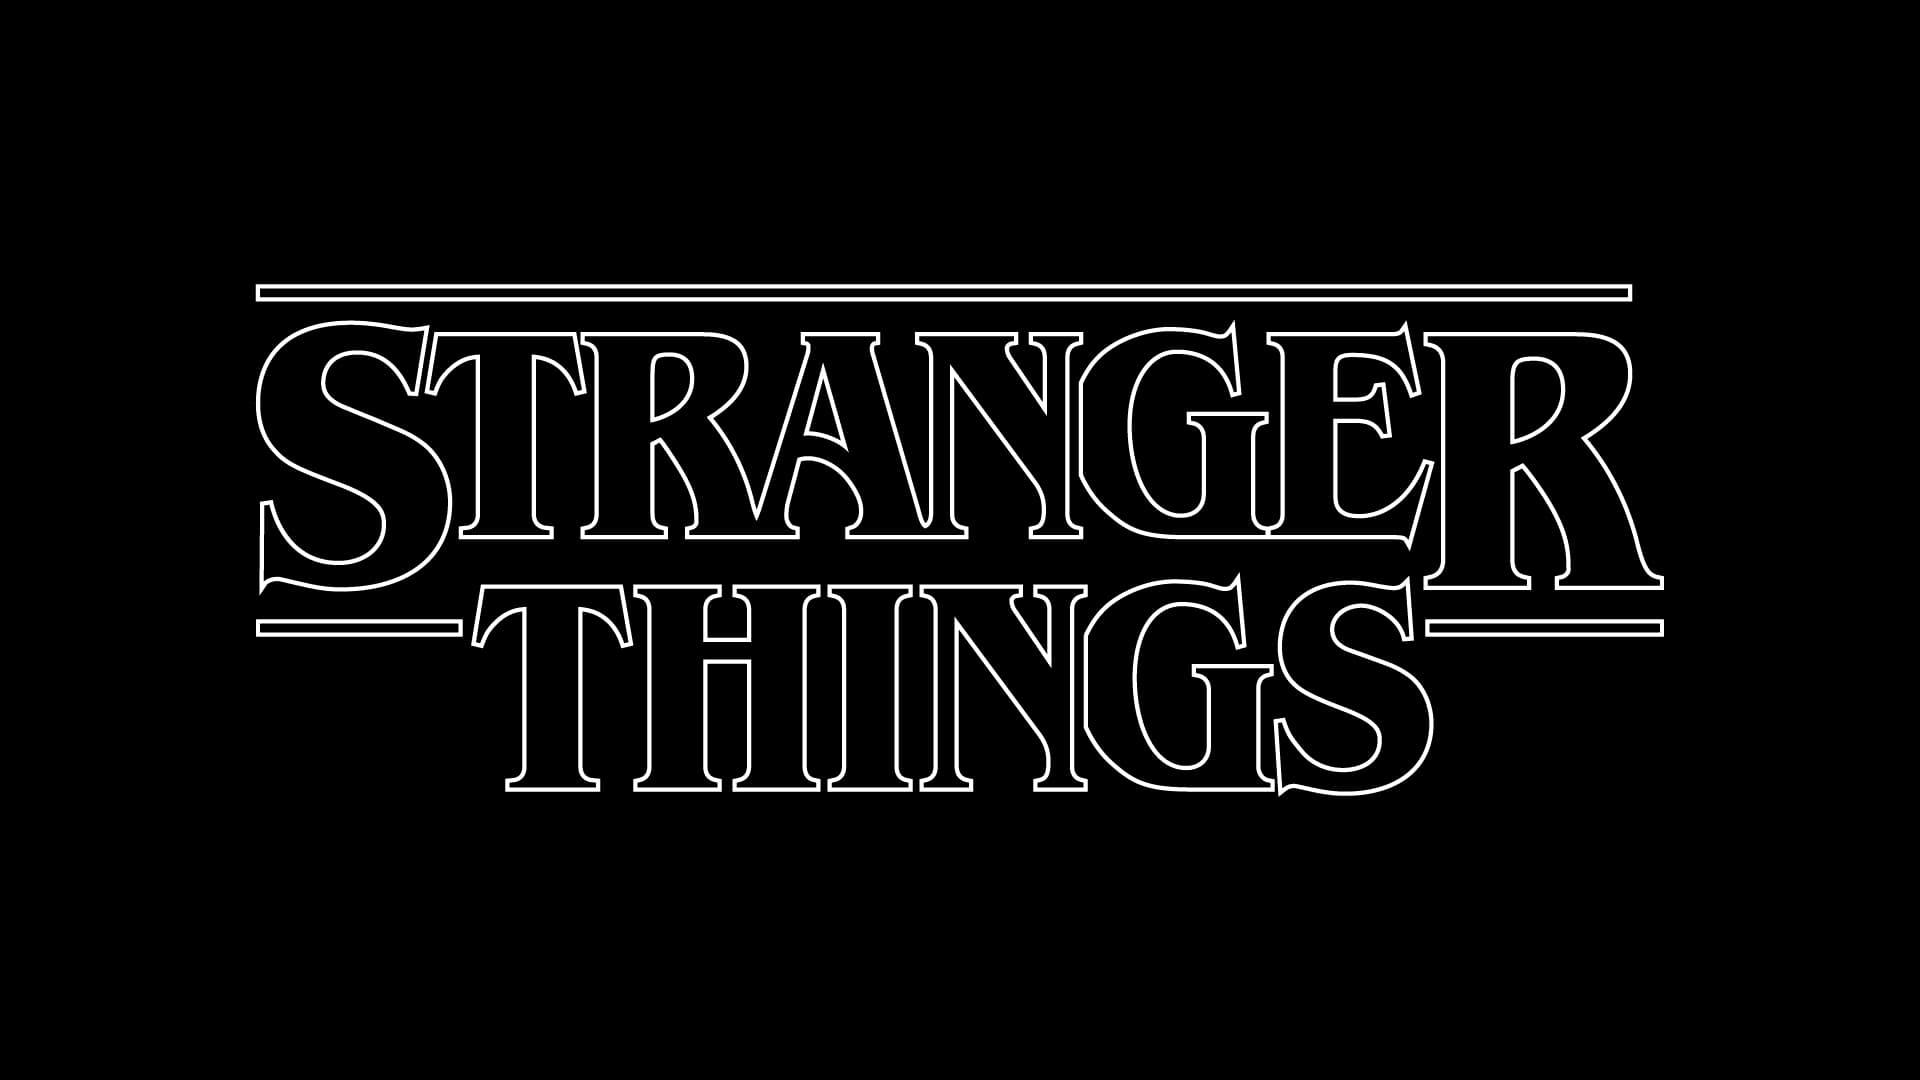 Stranger Things - Stranger Things 2